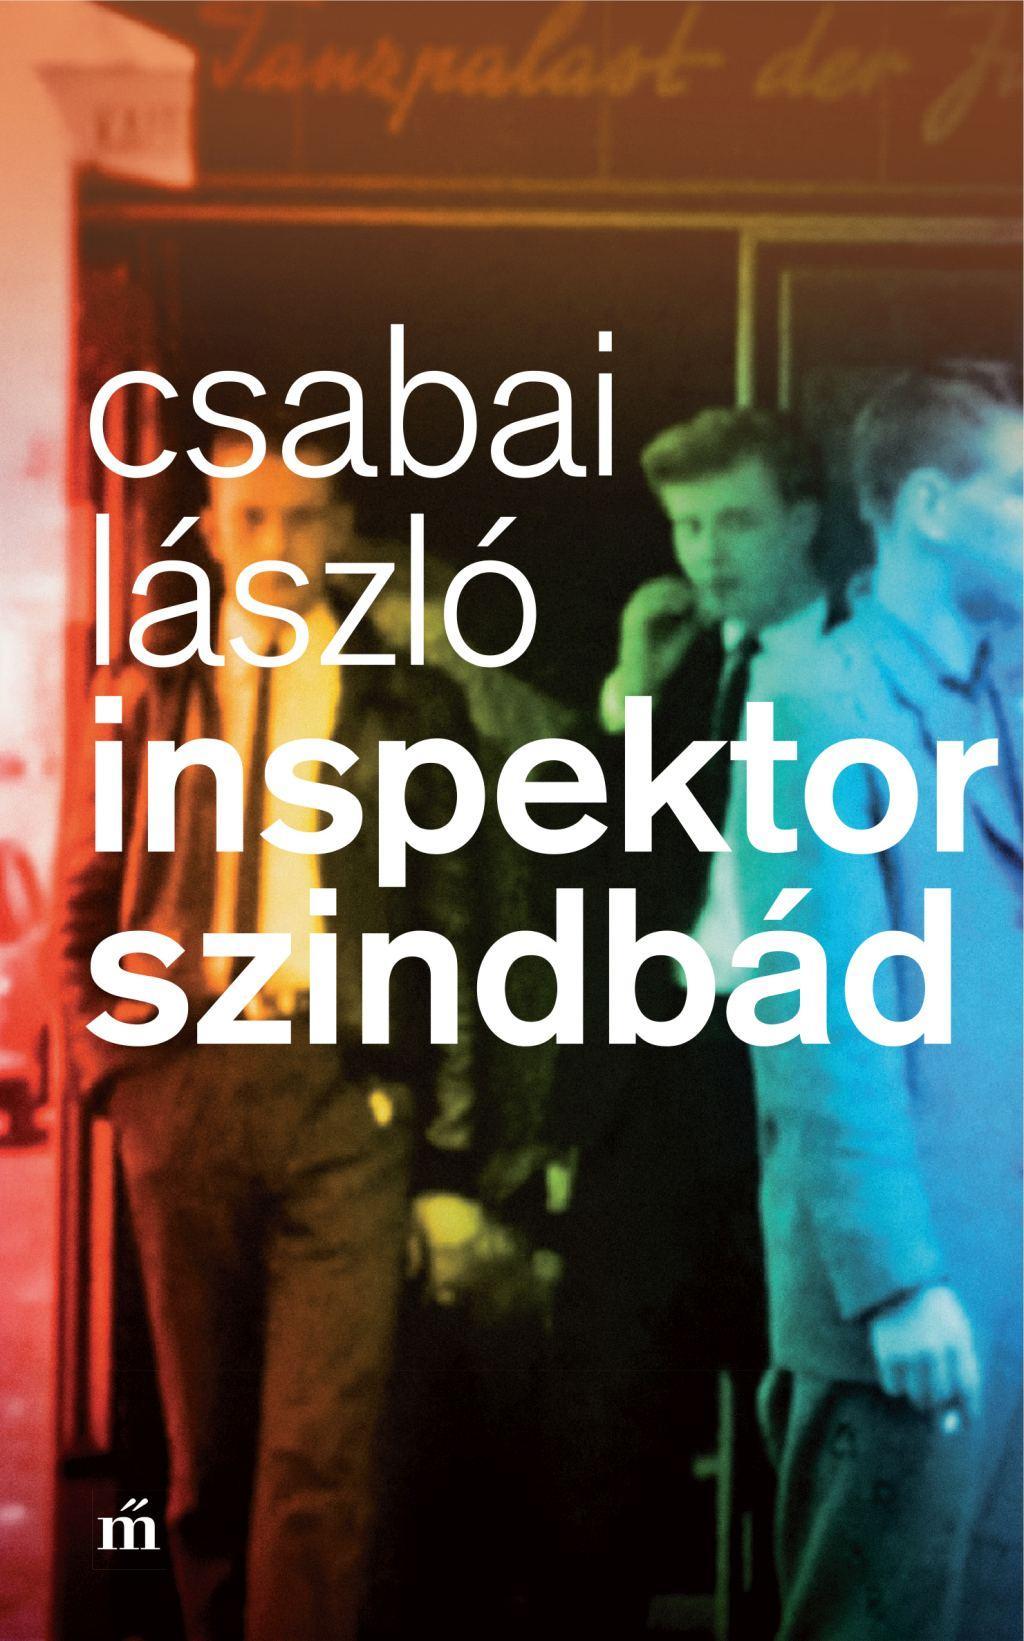 Csabai László - Inspektor Szindbád